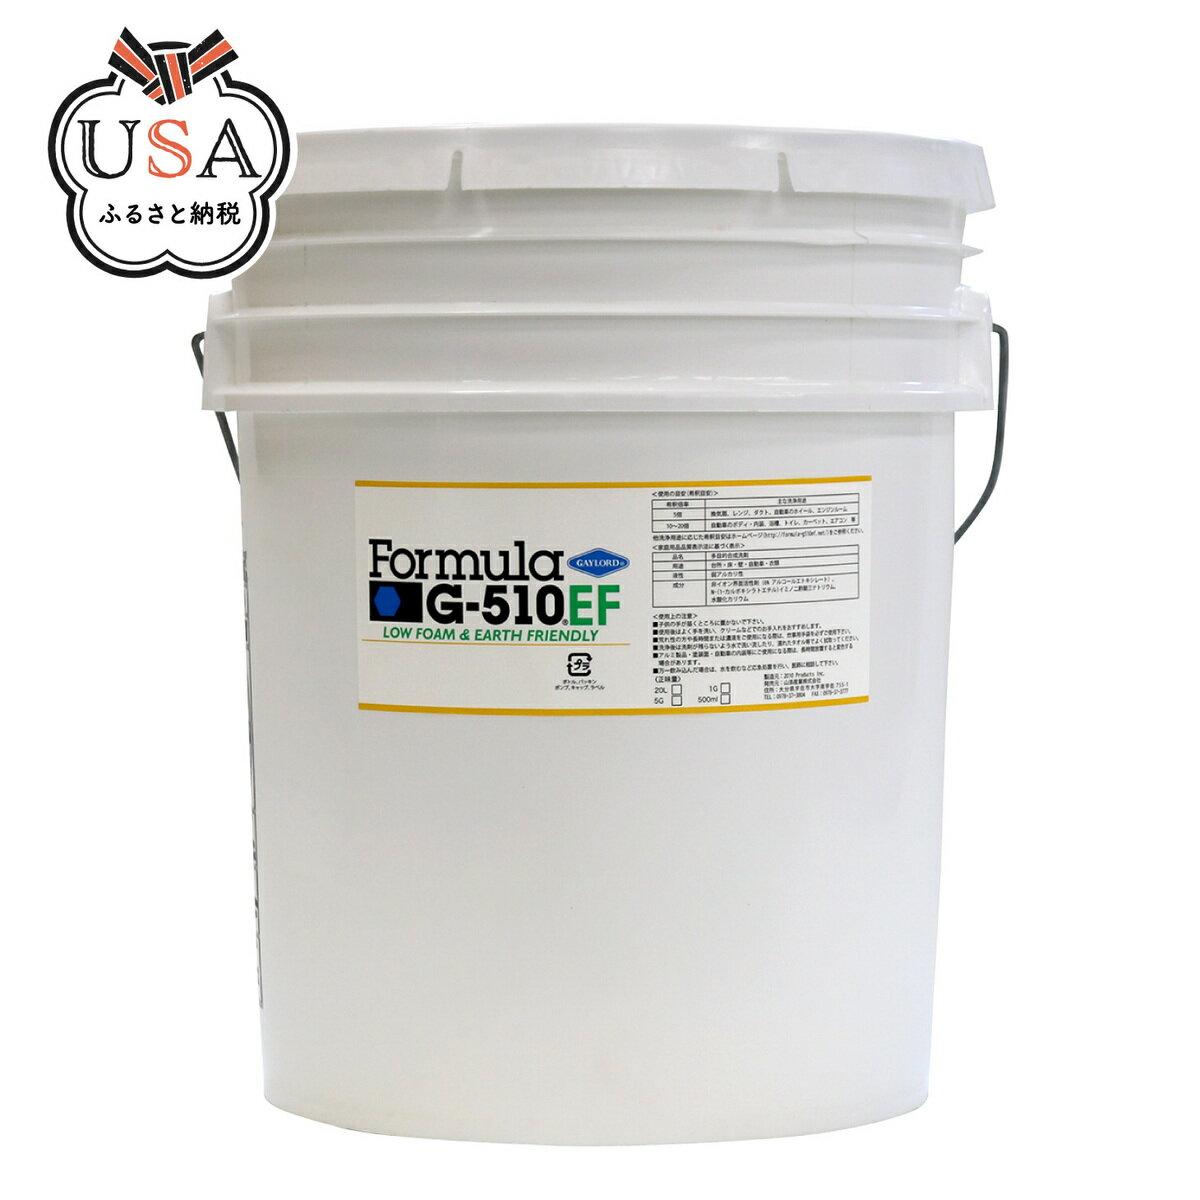 【ふるさと納税】Formula G-510EF 濃縮原液 5ガロン(18.925L) 多目的洗剤 強力マルチクリーナー 1本 送料無料